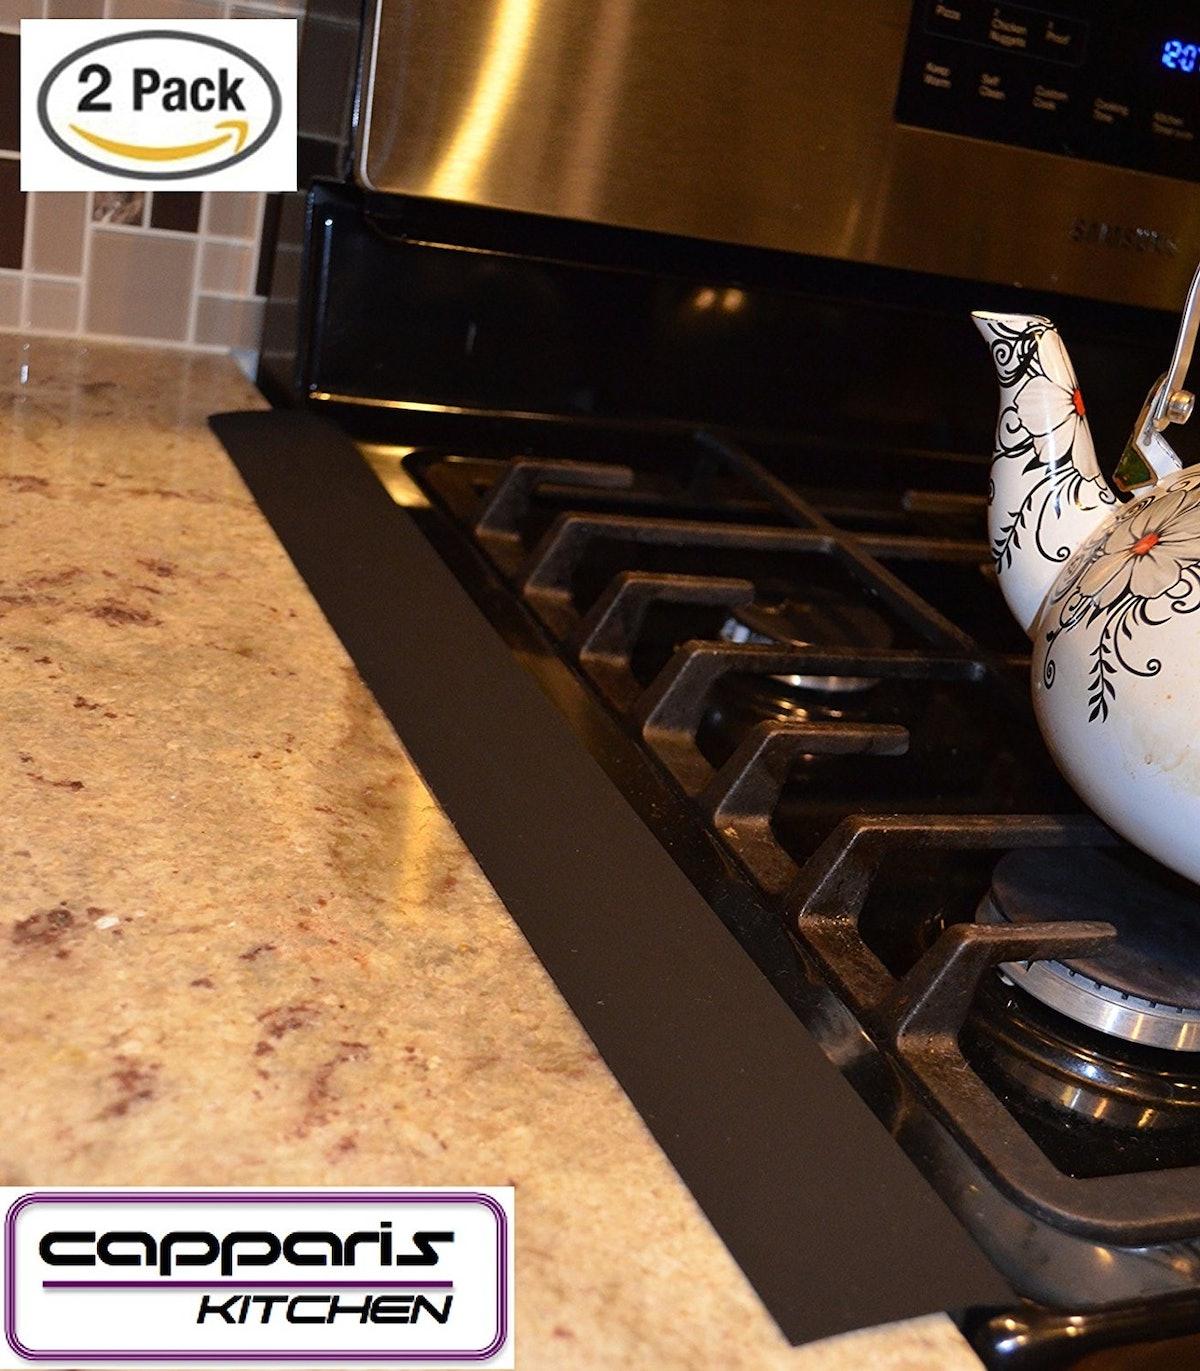 Capparis Kitchen Silicone Stove Counter Gap Cover